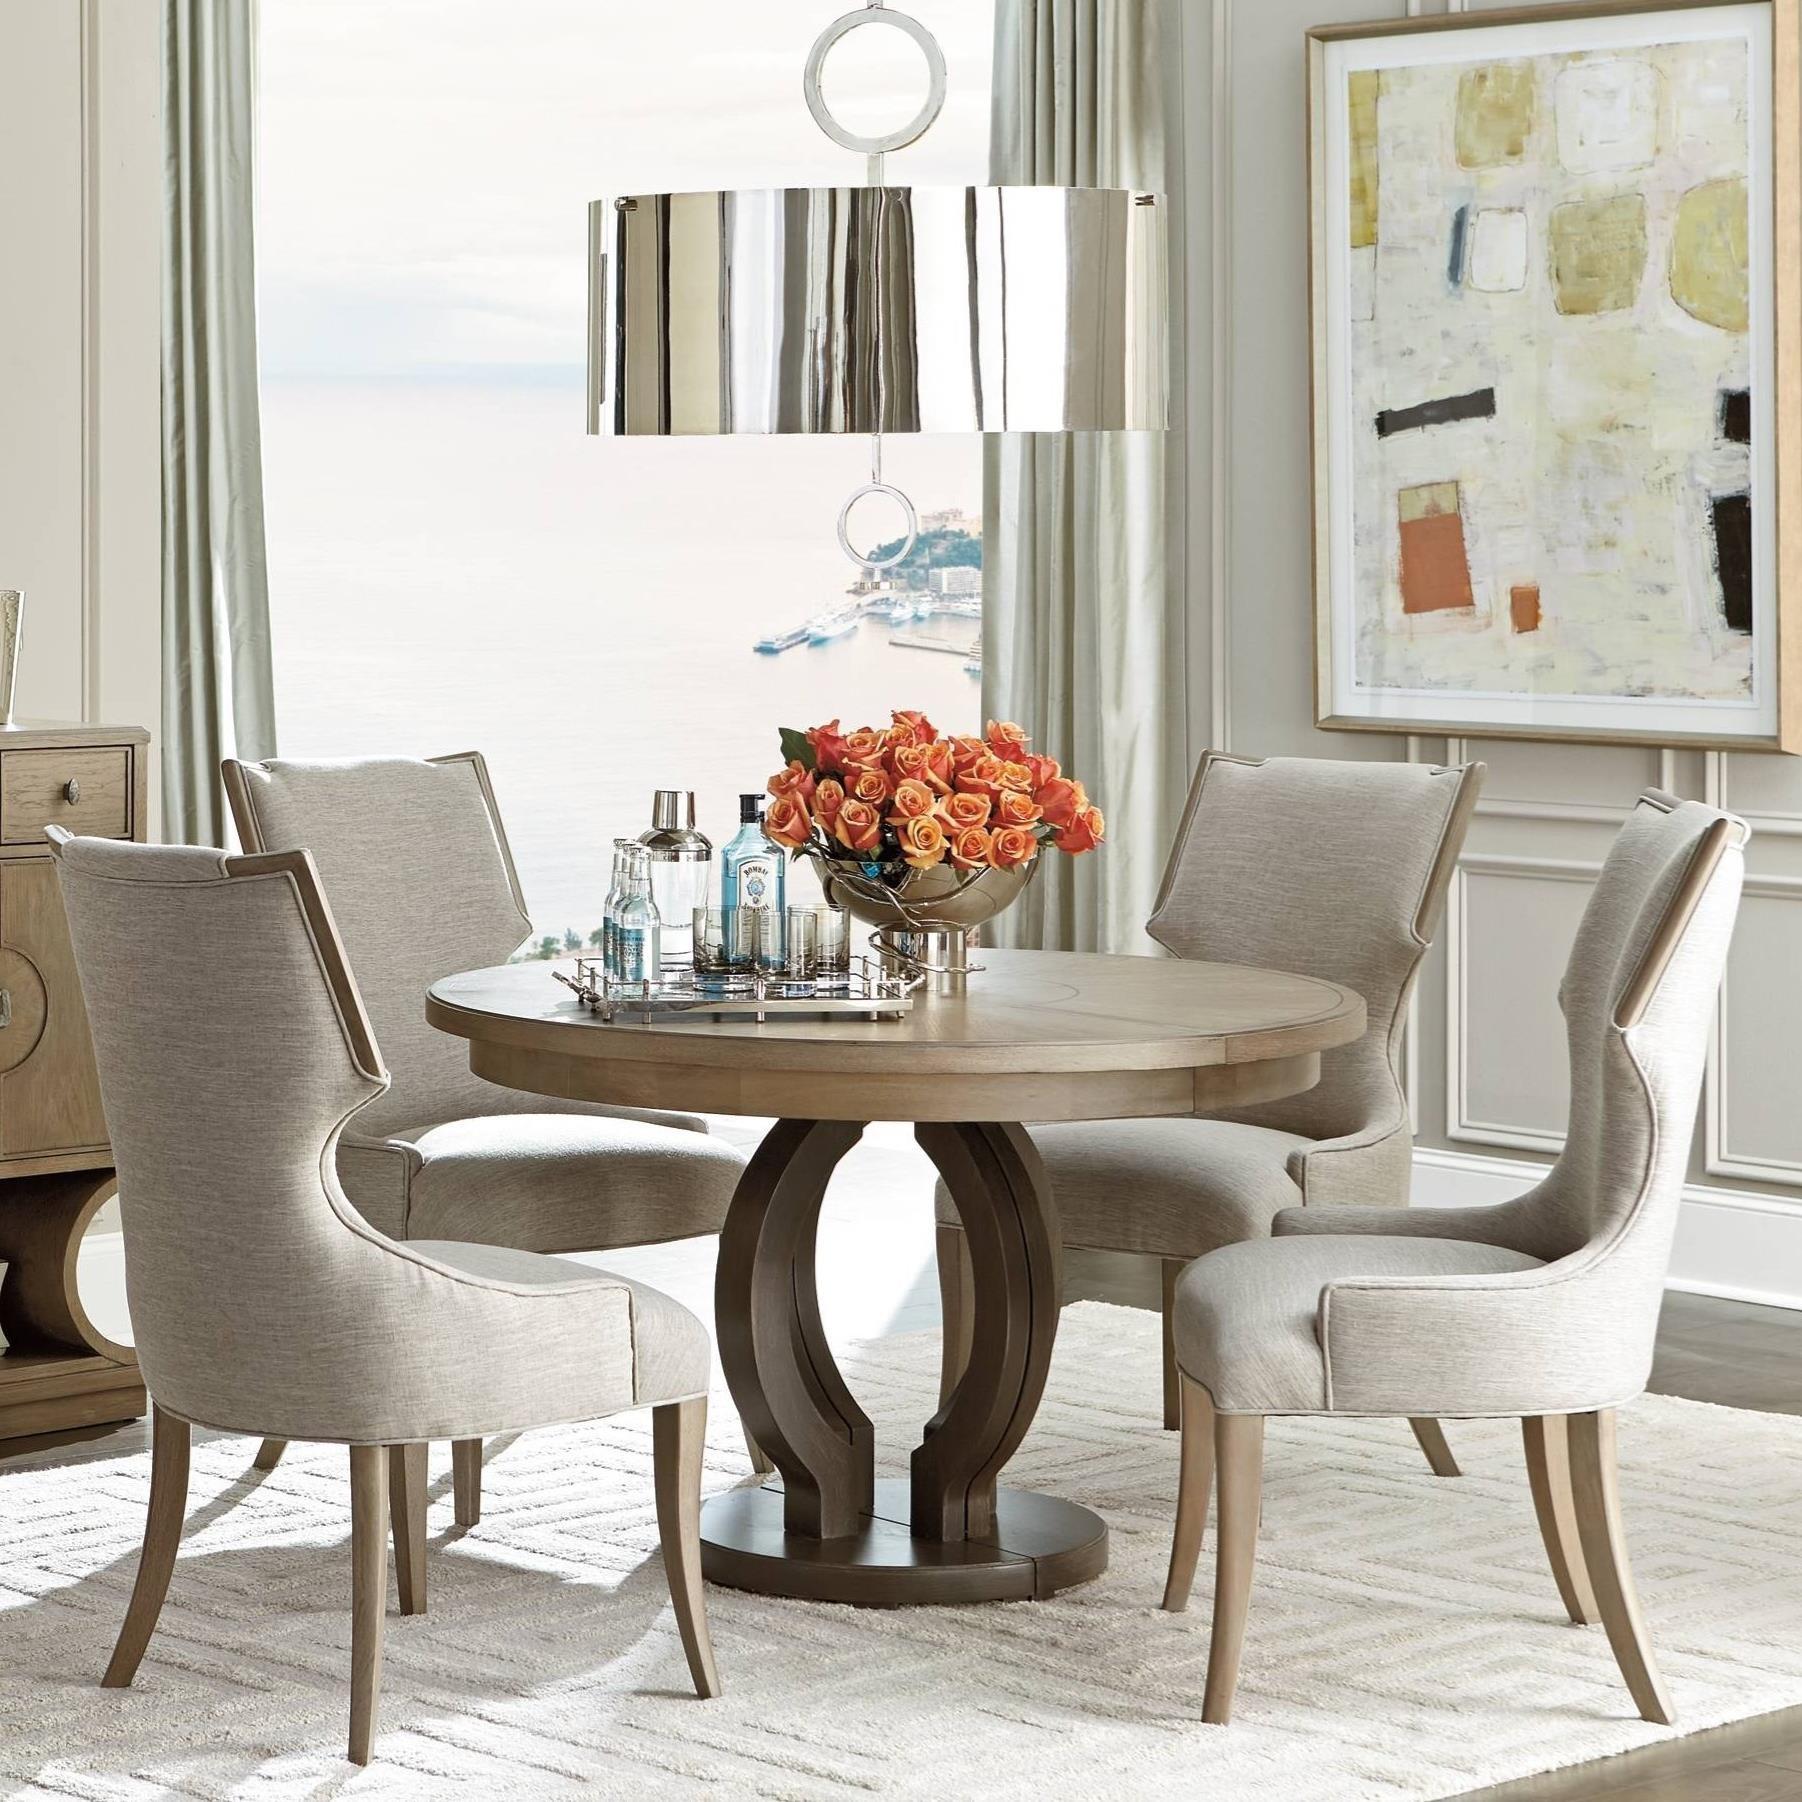 Stanley Furniture Virage5-Piece Round Dining Table Set ...  sc 1 st  Belfort Furniture & Stanley Furniture Virage 5-Piece Round Dining Table Set | Belfort ...